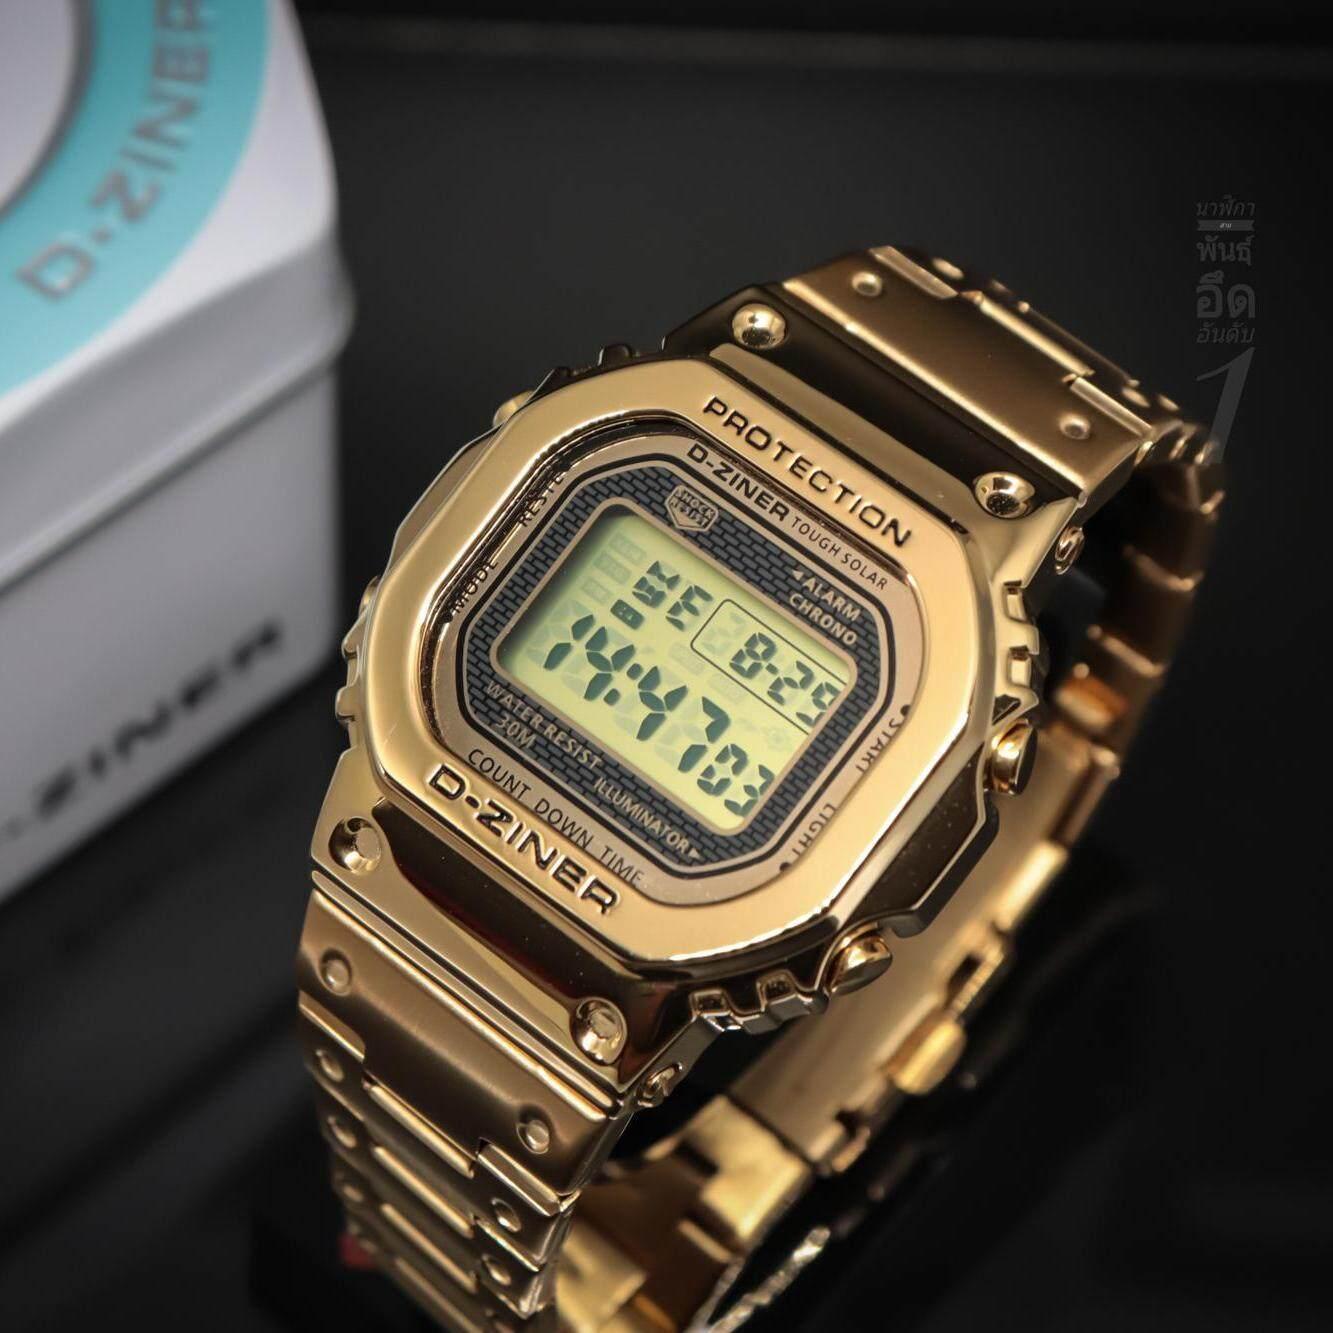 นาฬิกา D Ziner รุ่นใหม่ล่าสุด สไตล์ G Shock สุดฮิต ที่กำลังนิยมในขณะนี้ ( สี Pinkgold) สินค้าของแท้ 100%.